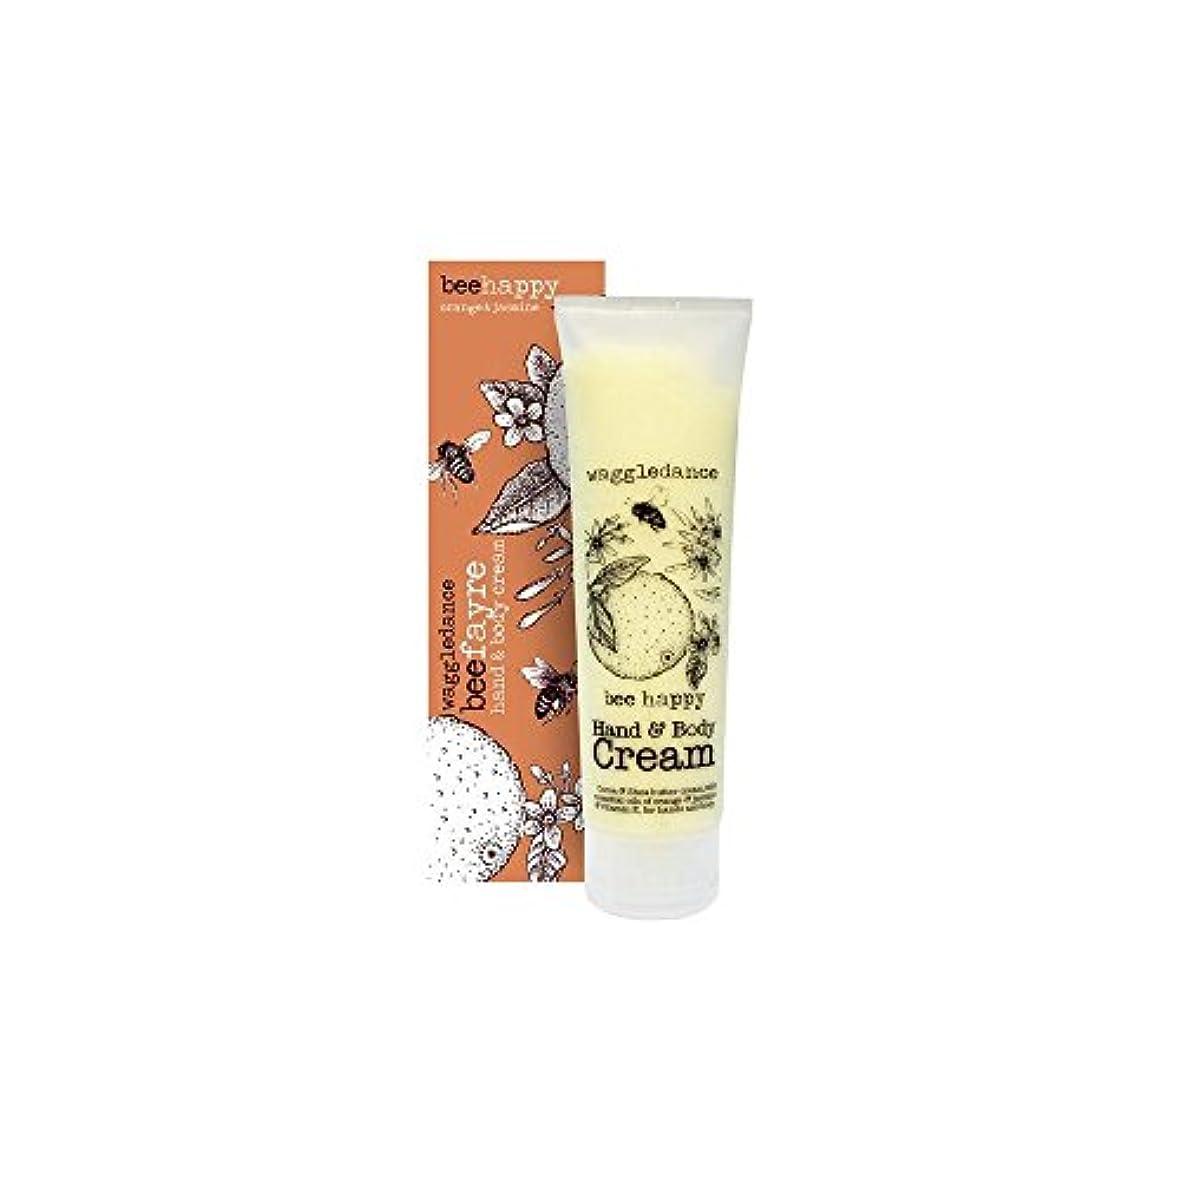 フリッパー代わりに元気Beefayre Bee Happy Hand & Body Cream (100ml) Beefayre蜂幸せな手とボディクリーム( 100ミリリットル) [並行輸入品]